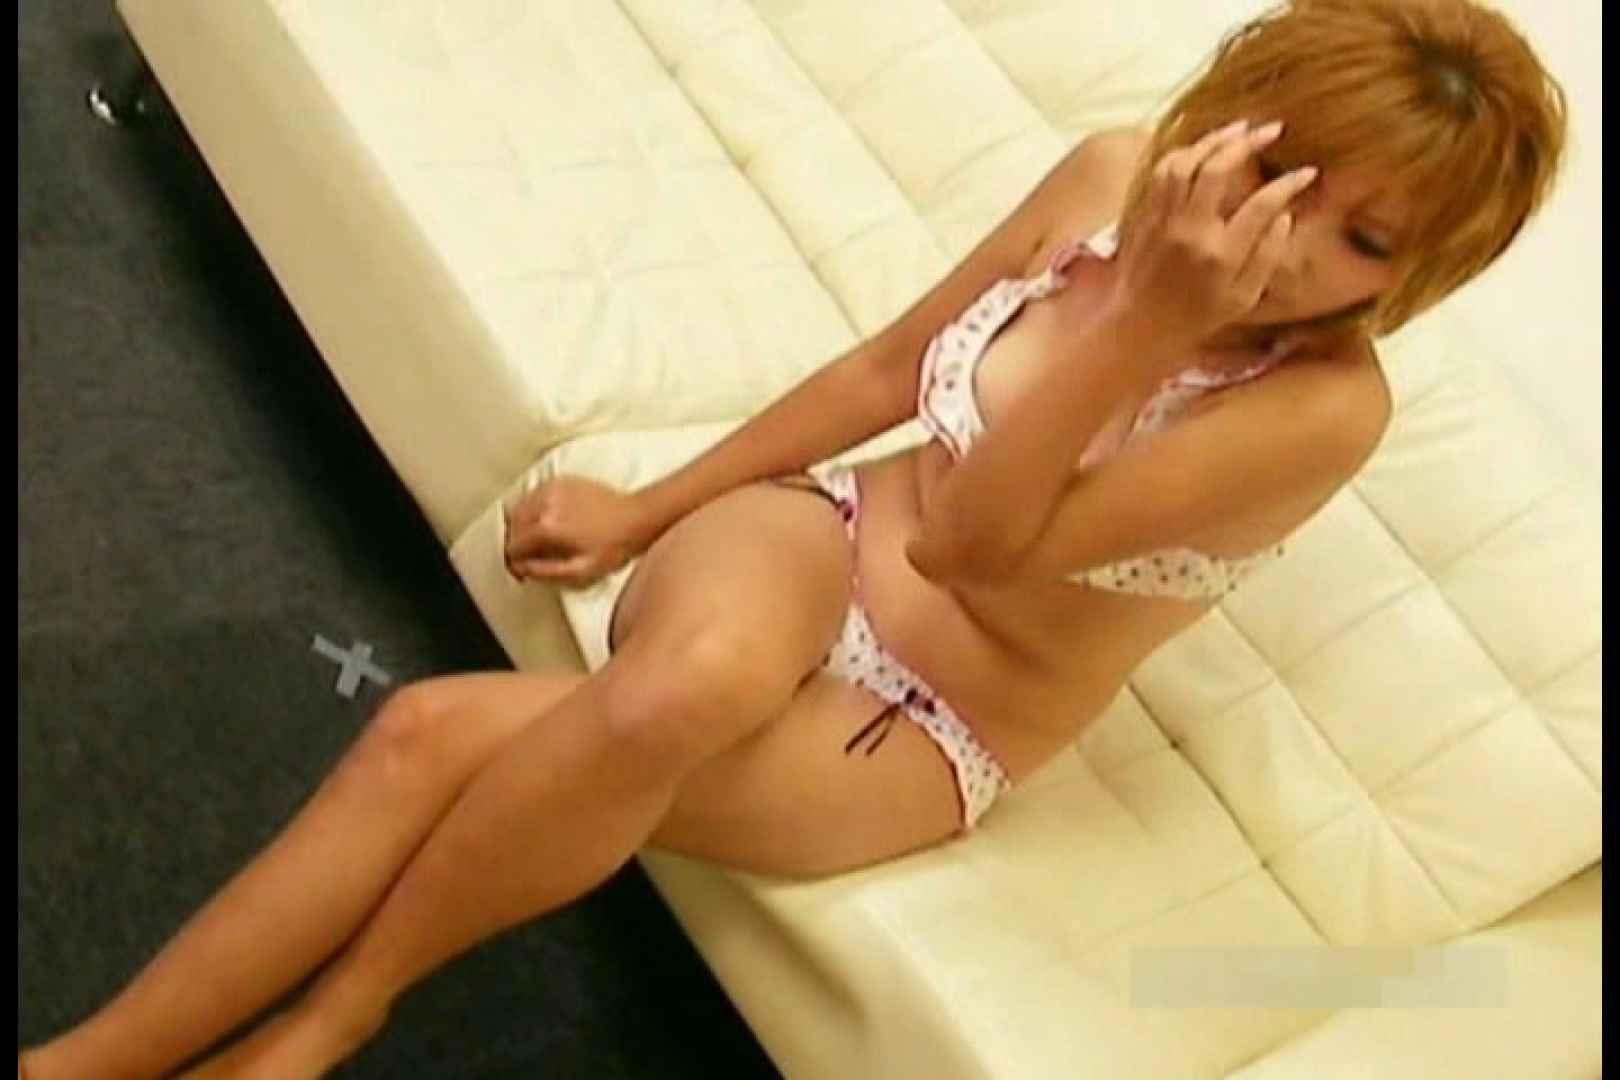 素人撮影 下着だけの撮影のはずが・・・りな18歳 独占盗撮 オマンコ無修正動画無料 92連発 57